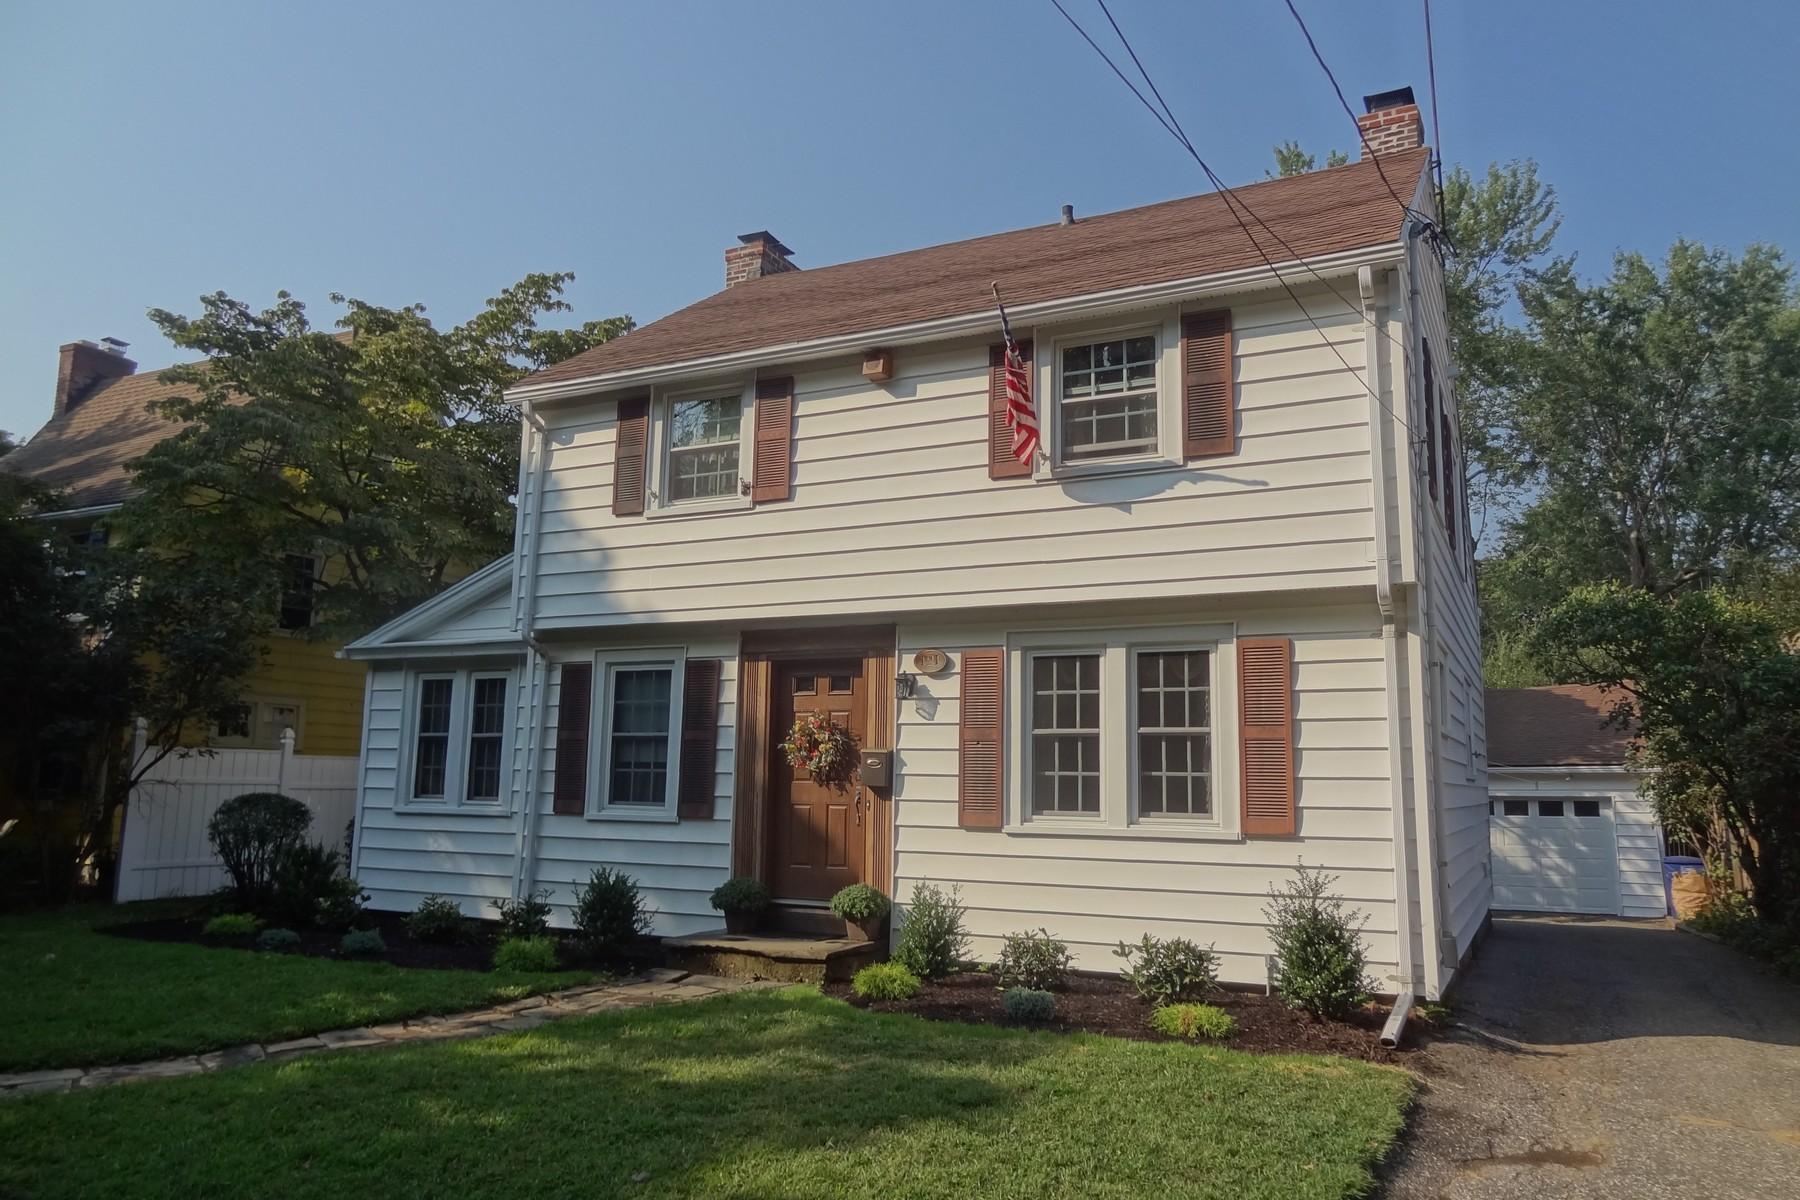 Tek Ailelik Ev için Satış at Well Maintained, Charming 1928 Brooklawn Area Colonial 121 West Parkway Bridgeport, Connecticut 06604 Amerika Birleşik Devletleri